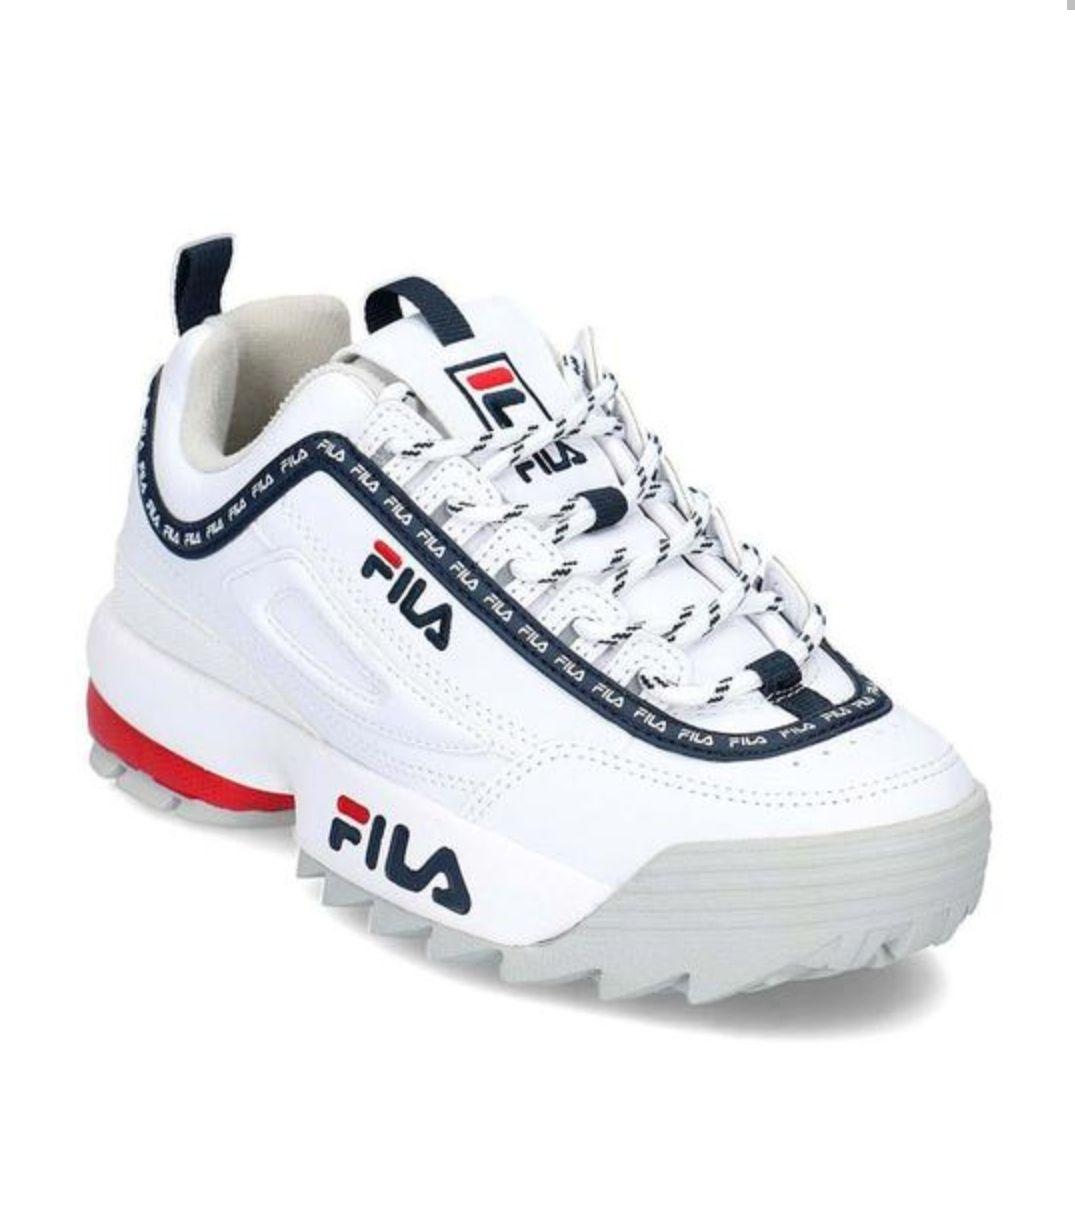 TALLA 37,38 Y 39 - Zapatillas Fila Disruptor Blanco Mujer